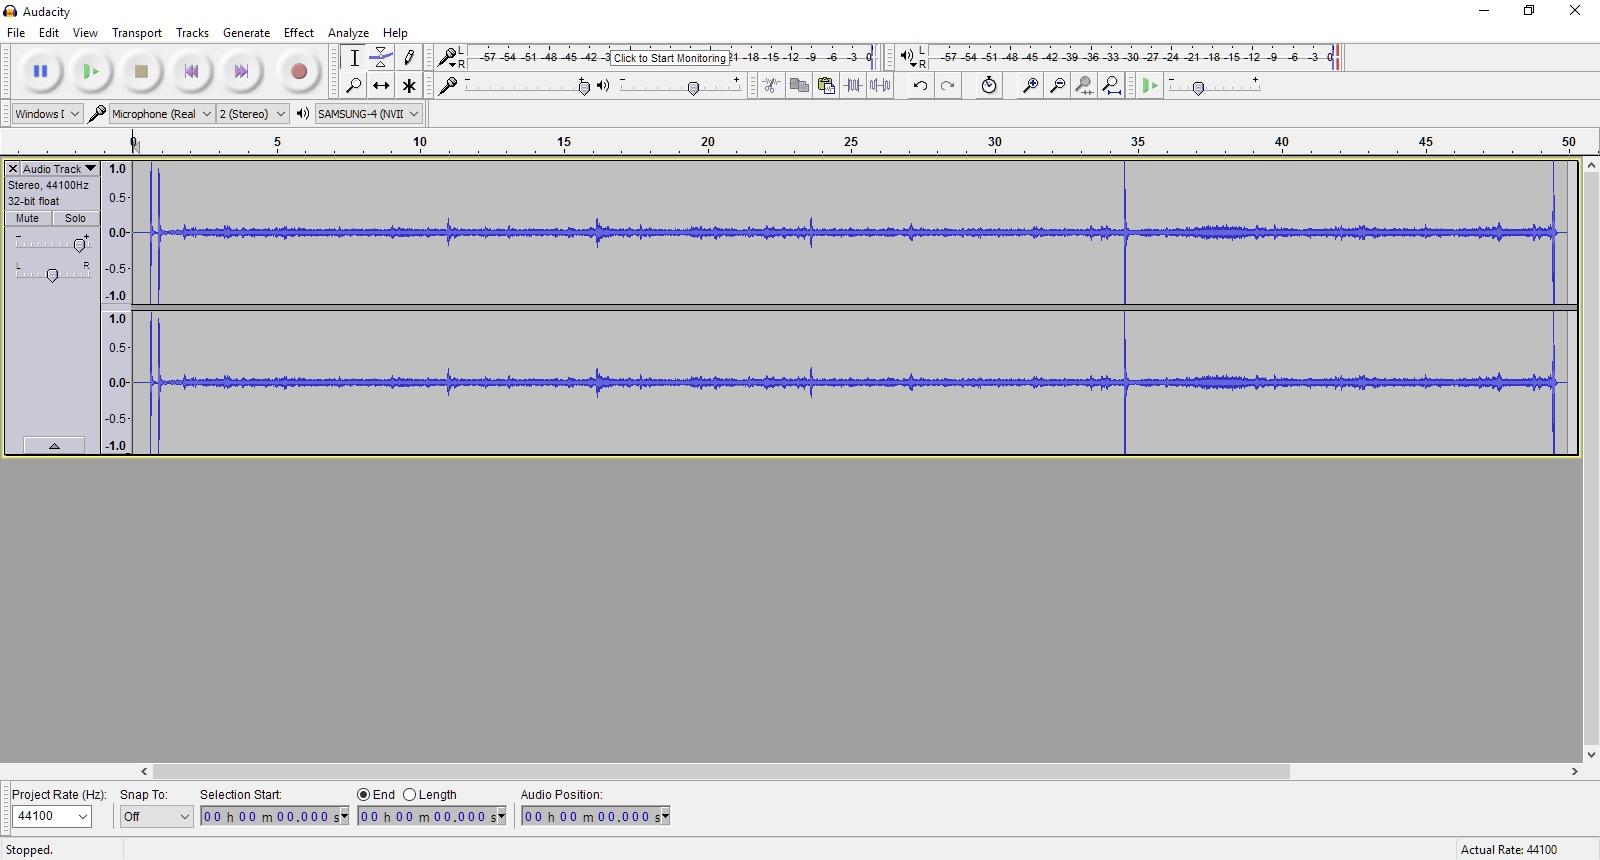 recording-21-sept-2019-parabolic-mic-hear-a-combi-boiler